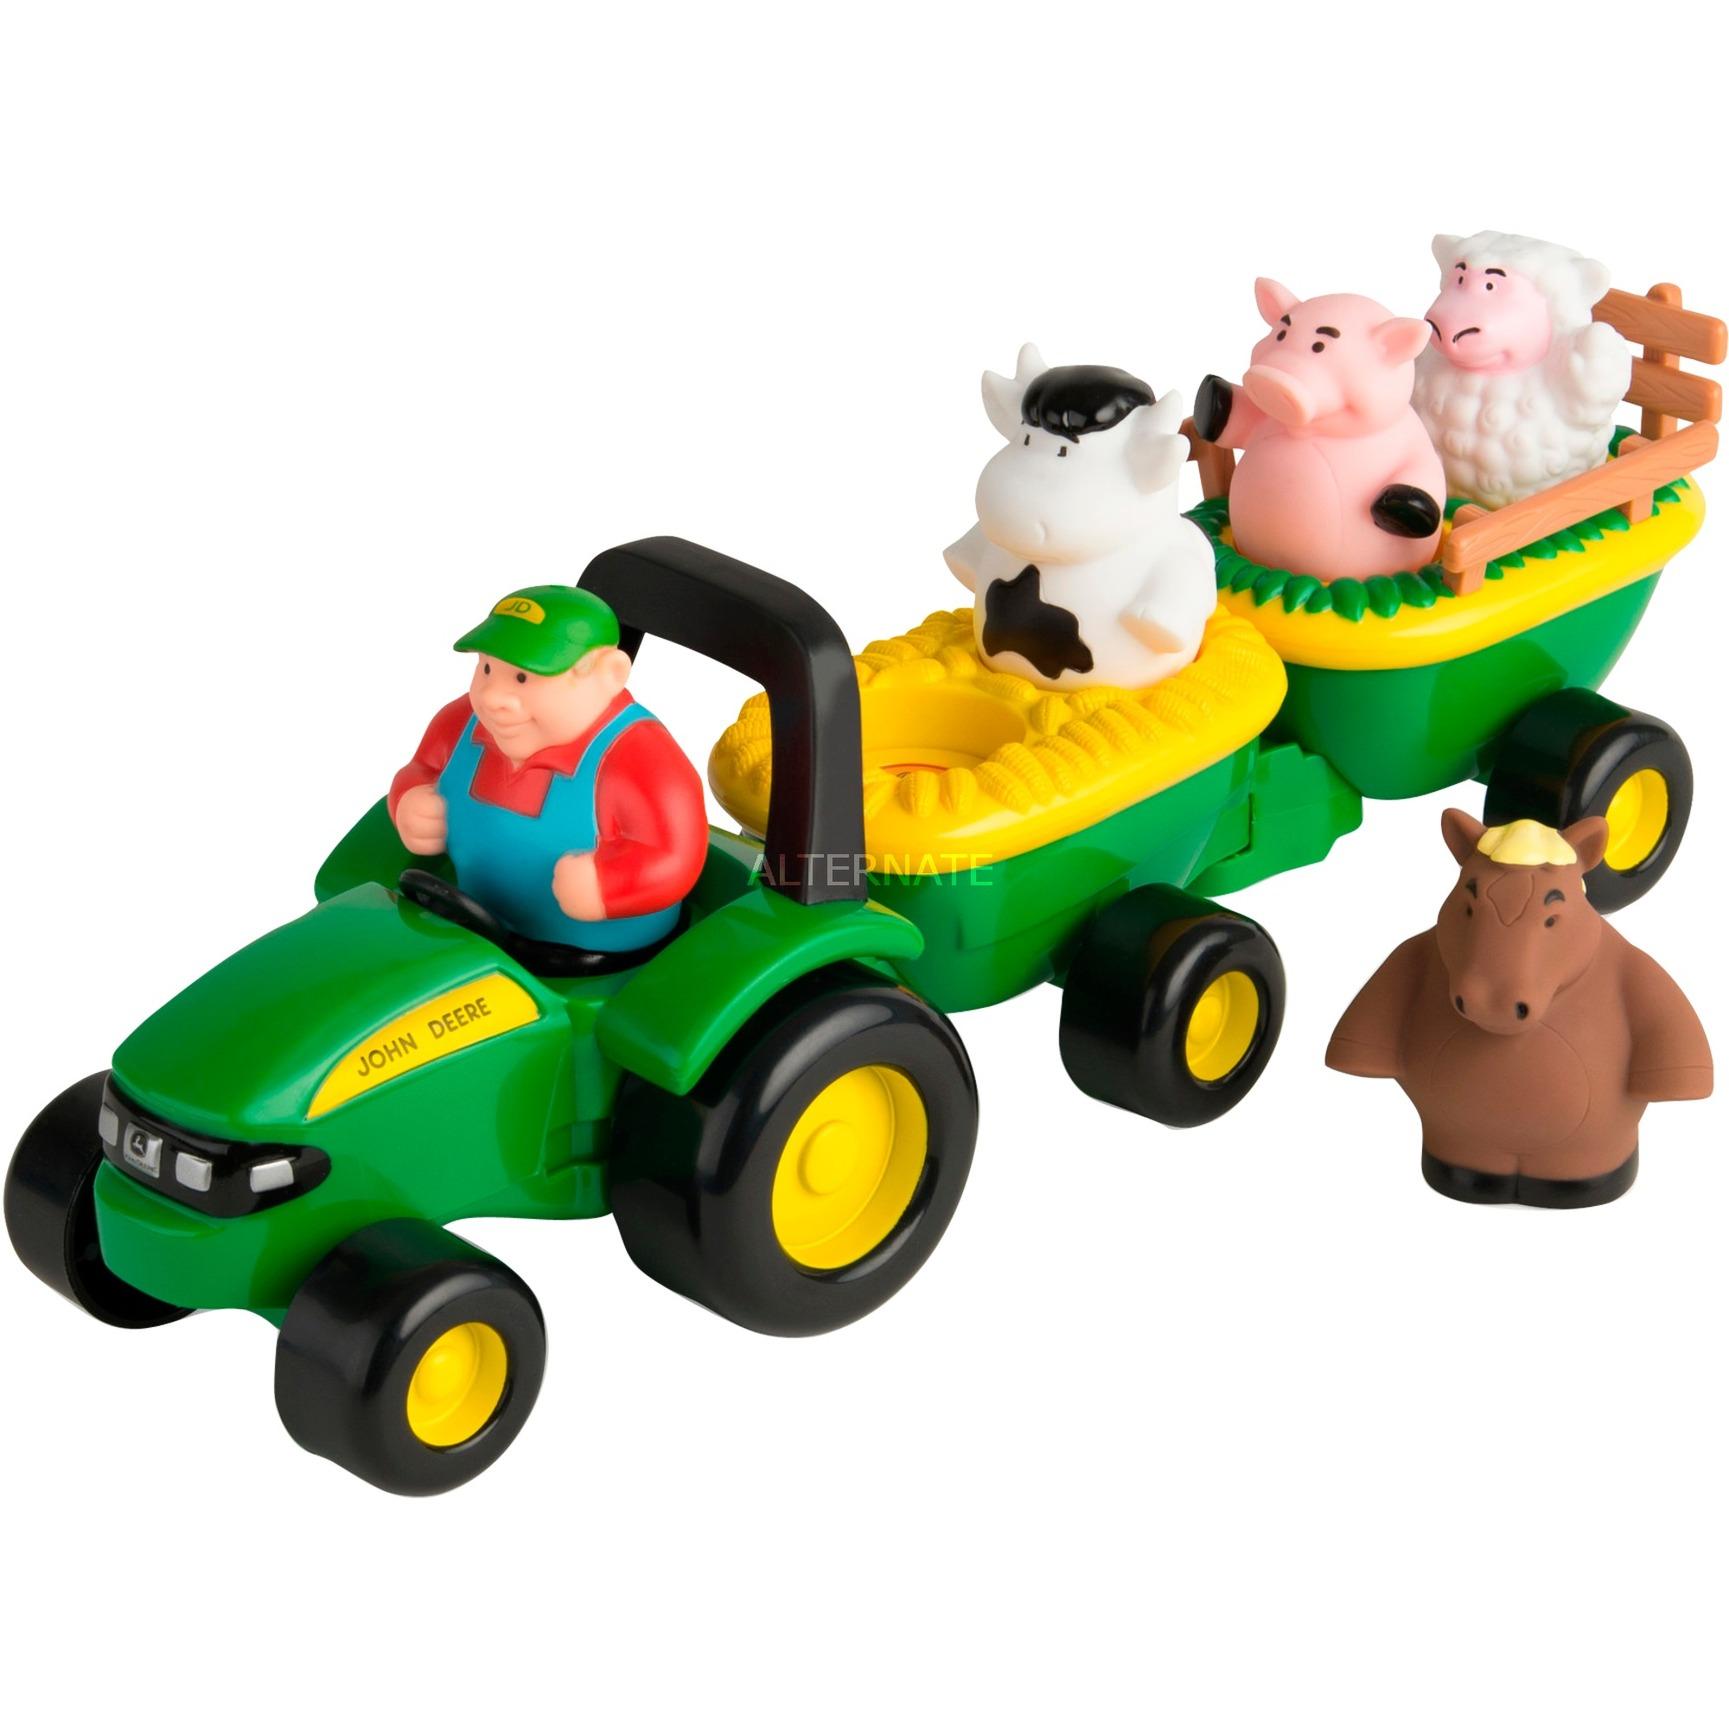 34908, Vehículo de juguete